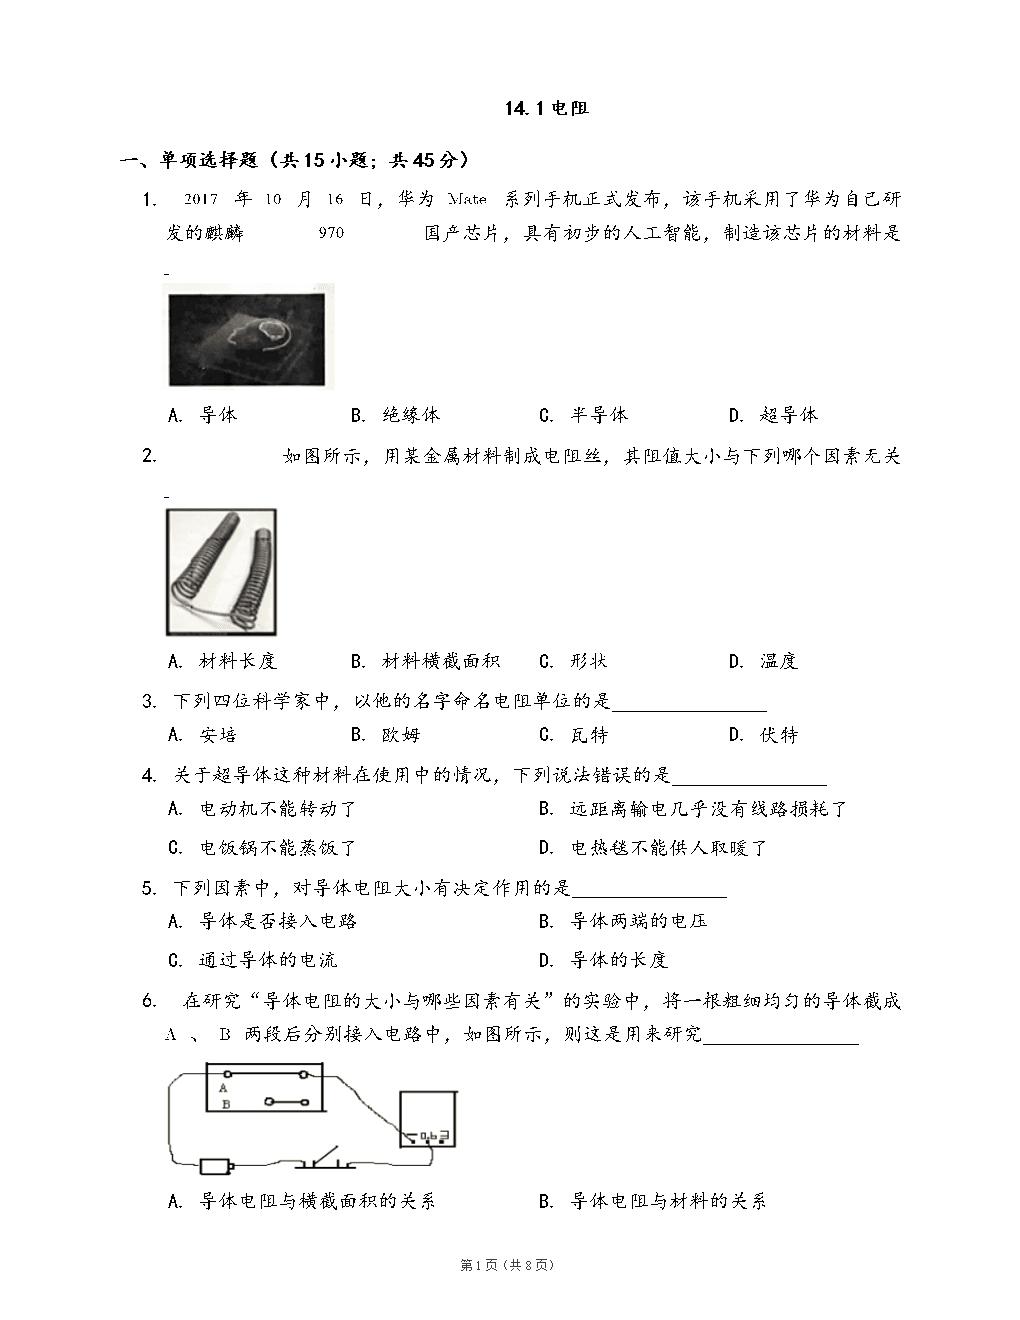 苏科版九年级物理上册一课一练14.1电阻(word版,含答案解析).docx